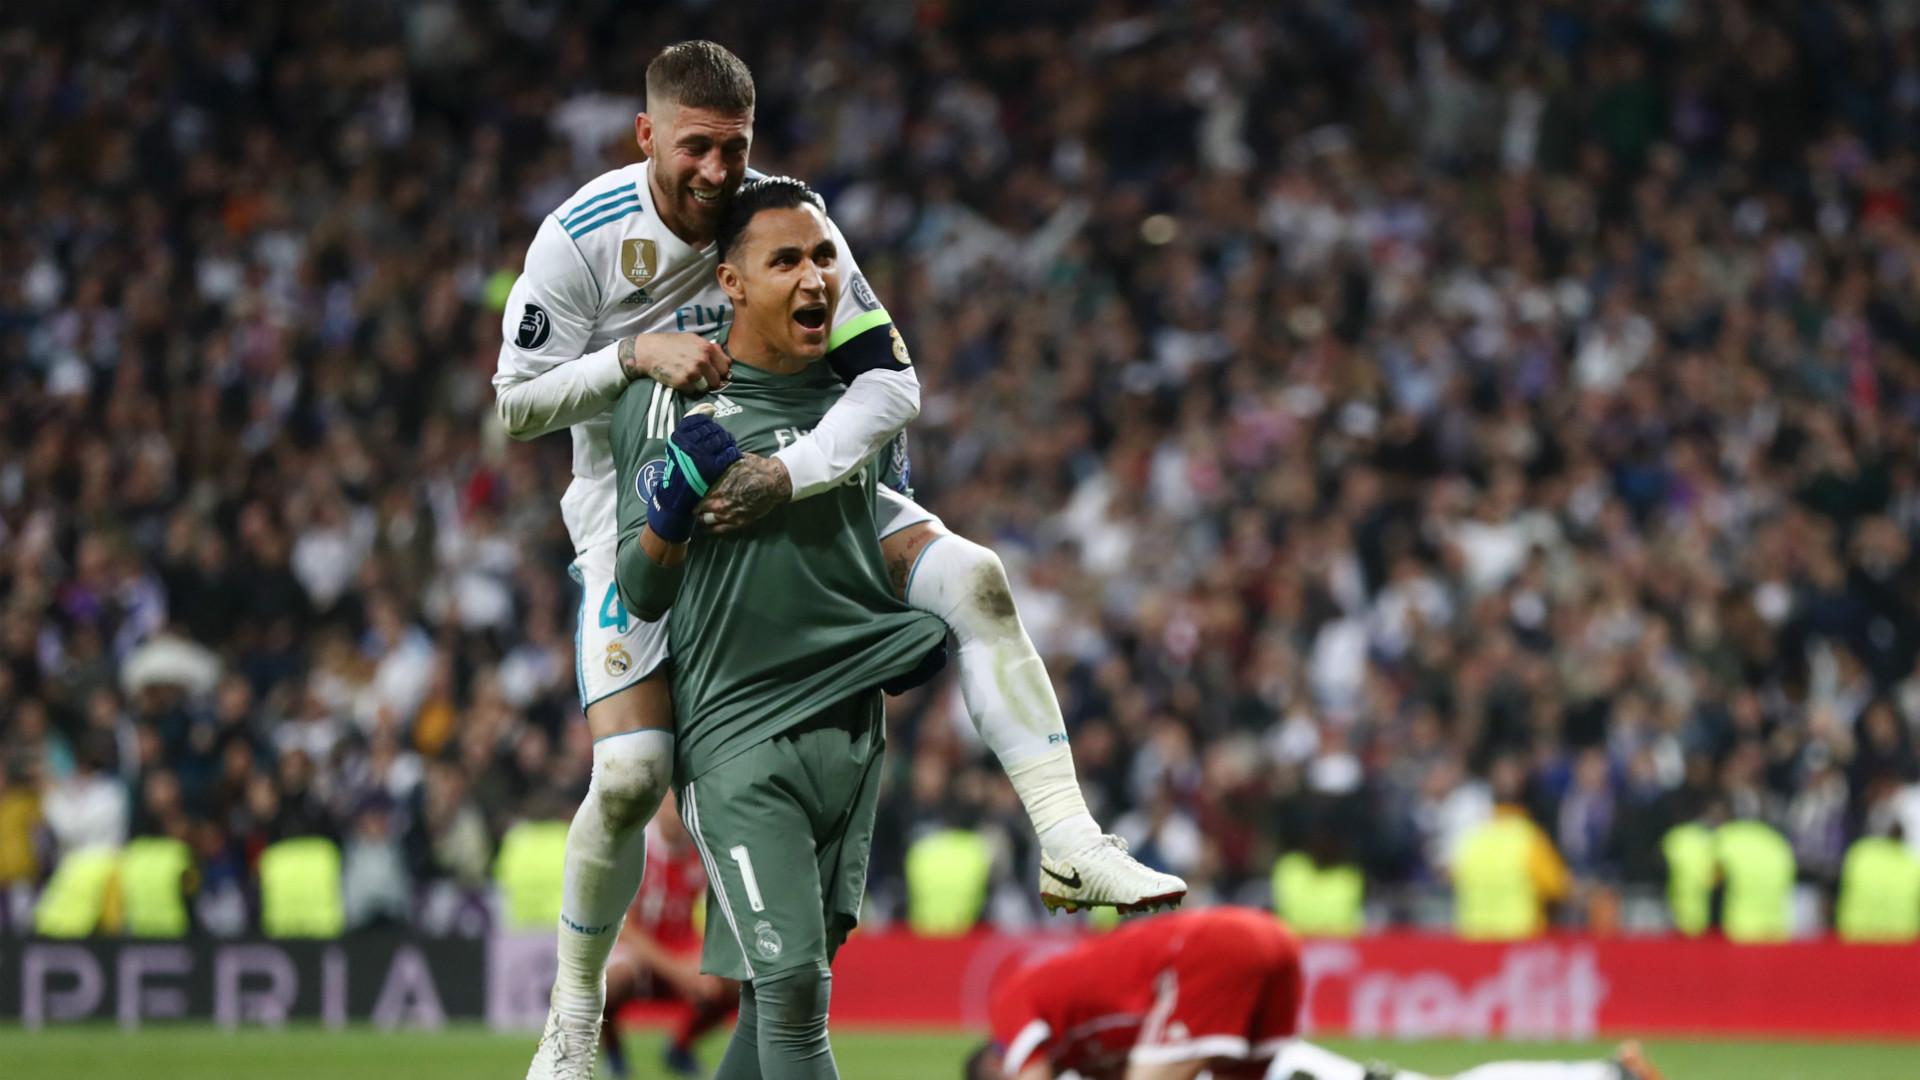 Keylor Navas, Real Madrid v Liverpool, 2018